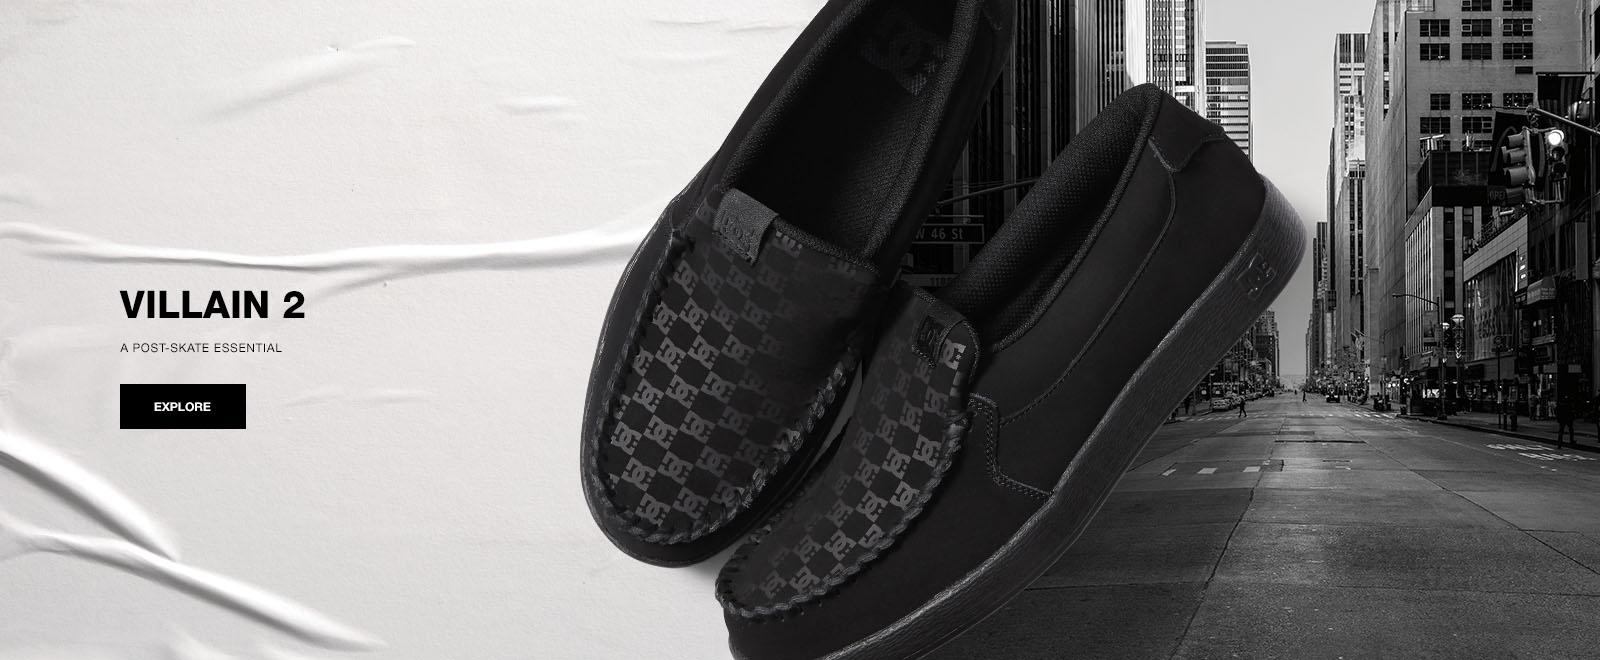 1fa2c154af5 -Shop Skate Shoes · Black Yellow Pack - Desktop